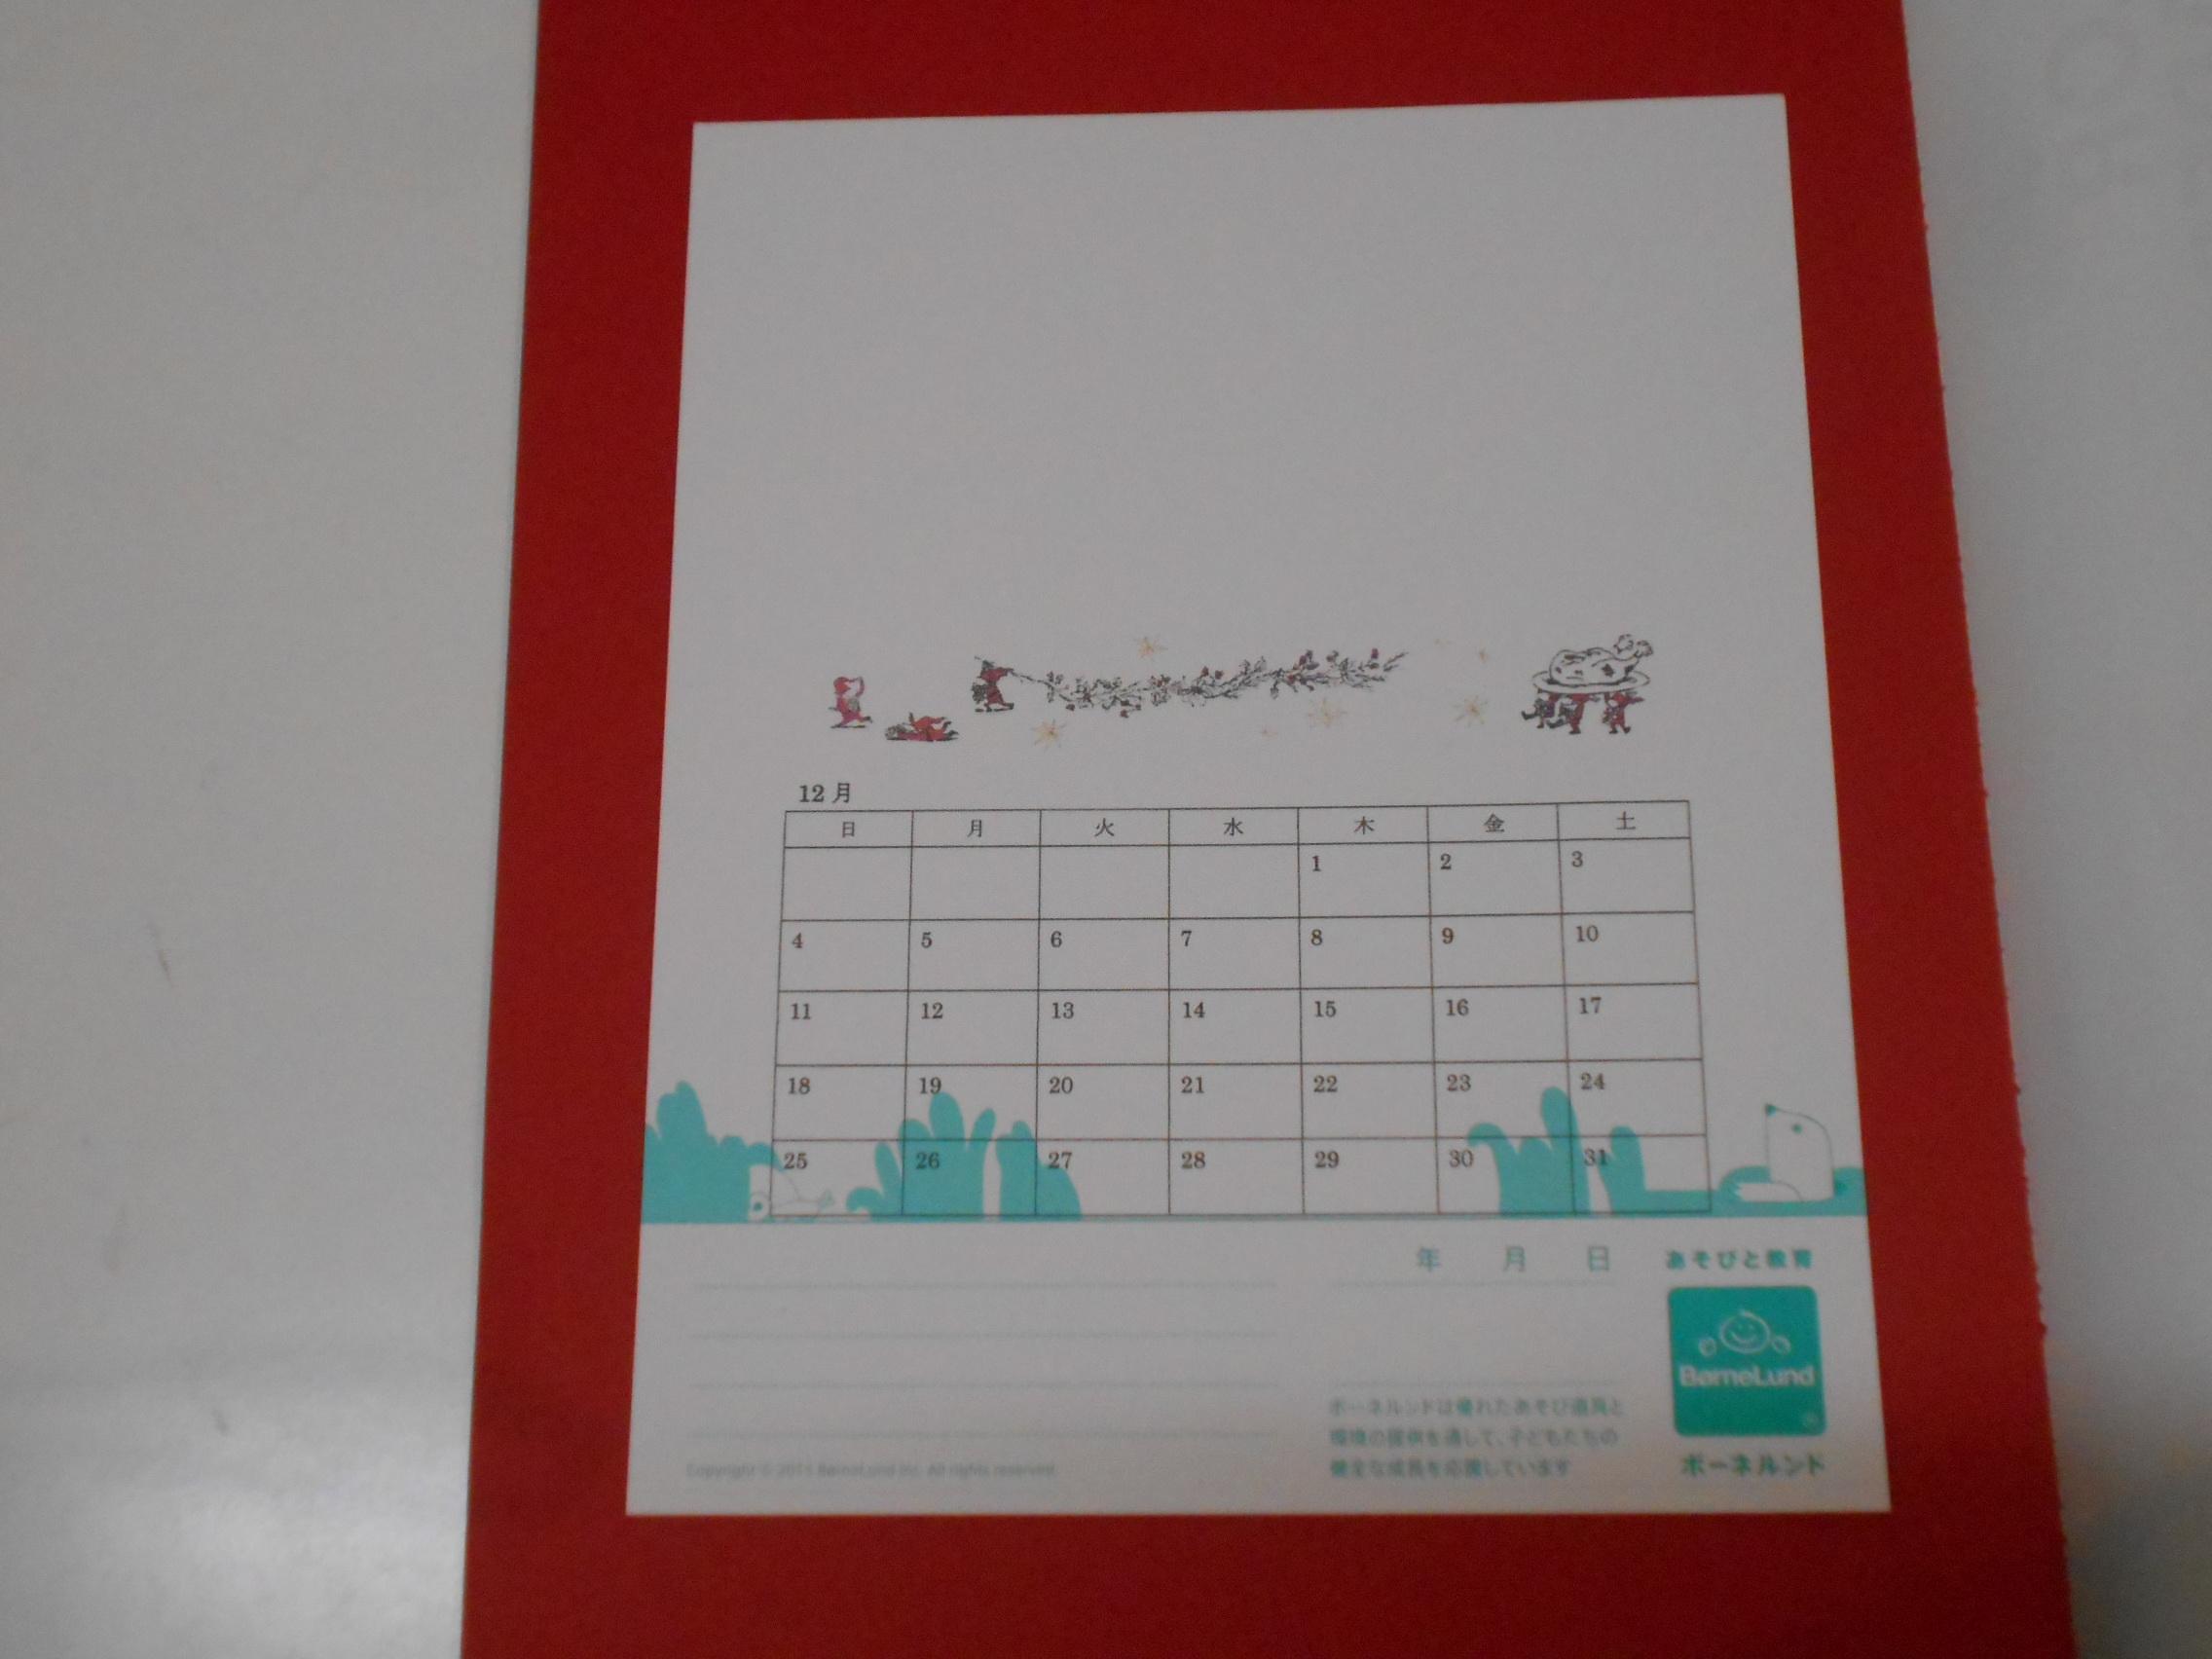 赤ちゃんの日イベント「手形でカレンダー」    11月22日・24日開催